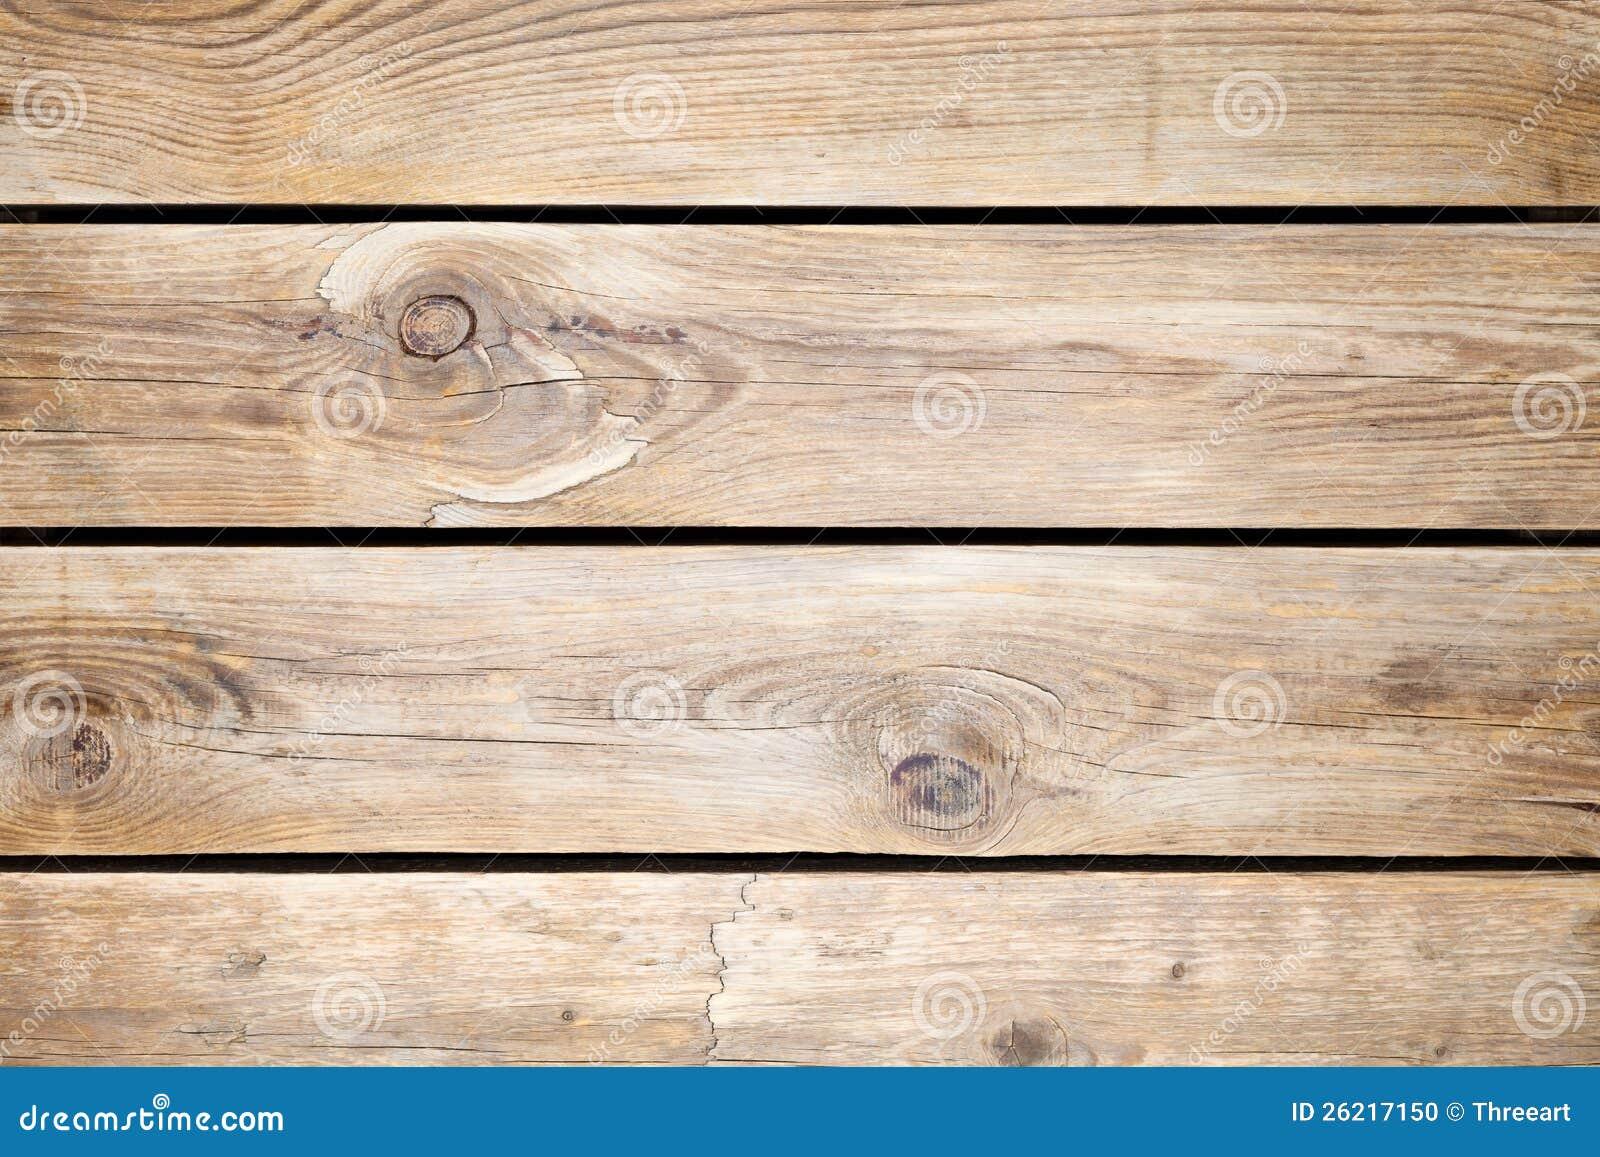 Tablones de madera foto de archivo imagen 26217150 - Tablones de madera baratos ...